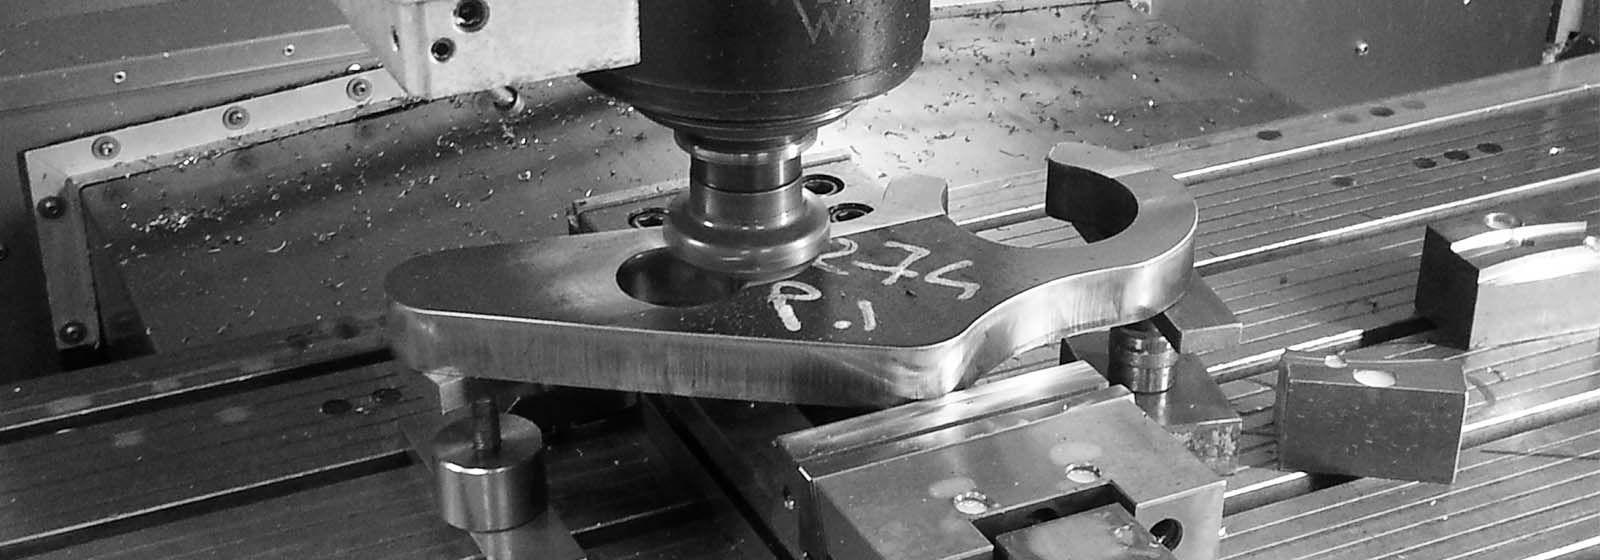 Officina meccanica di precisione lavorazioni meccaniche for Arredamento officina meccanica